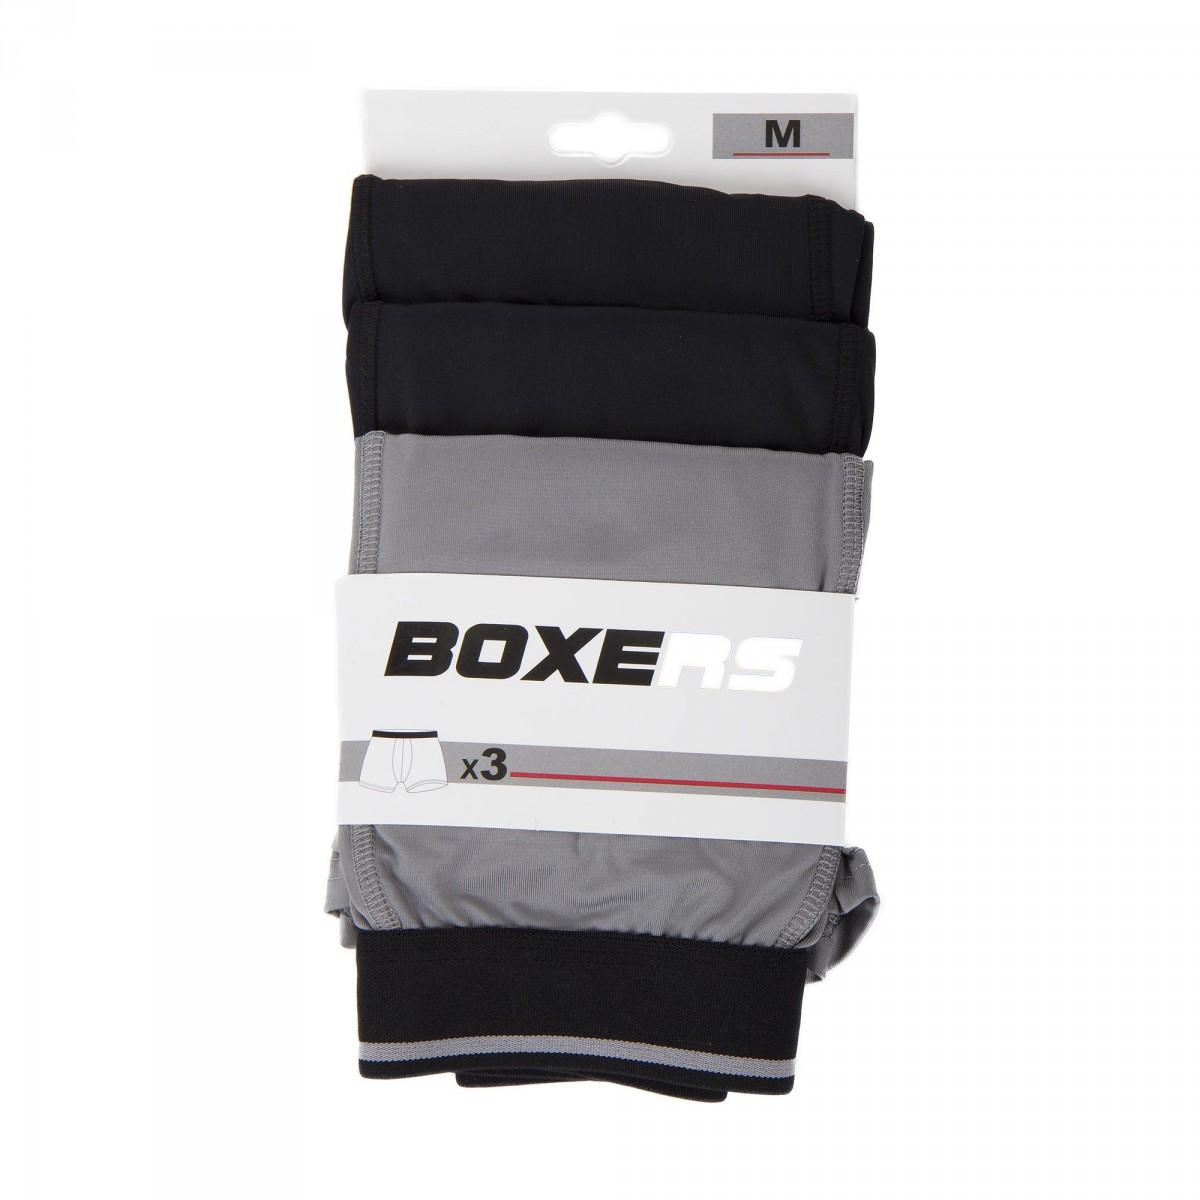 lot de 3 boxers homme azertex prix d griff. Black Bedroom Furniture Sets. Home Design Ideas